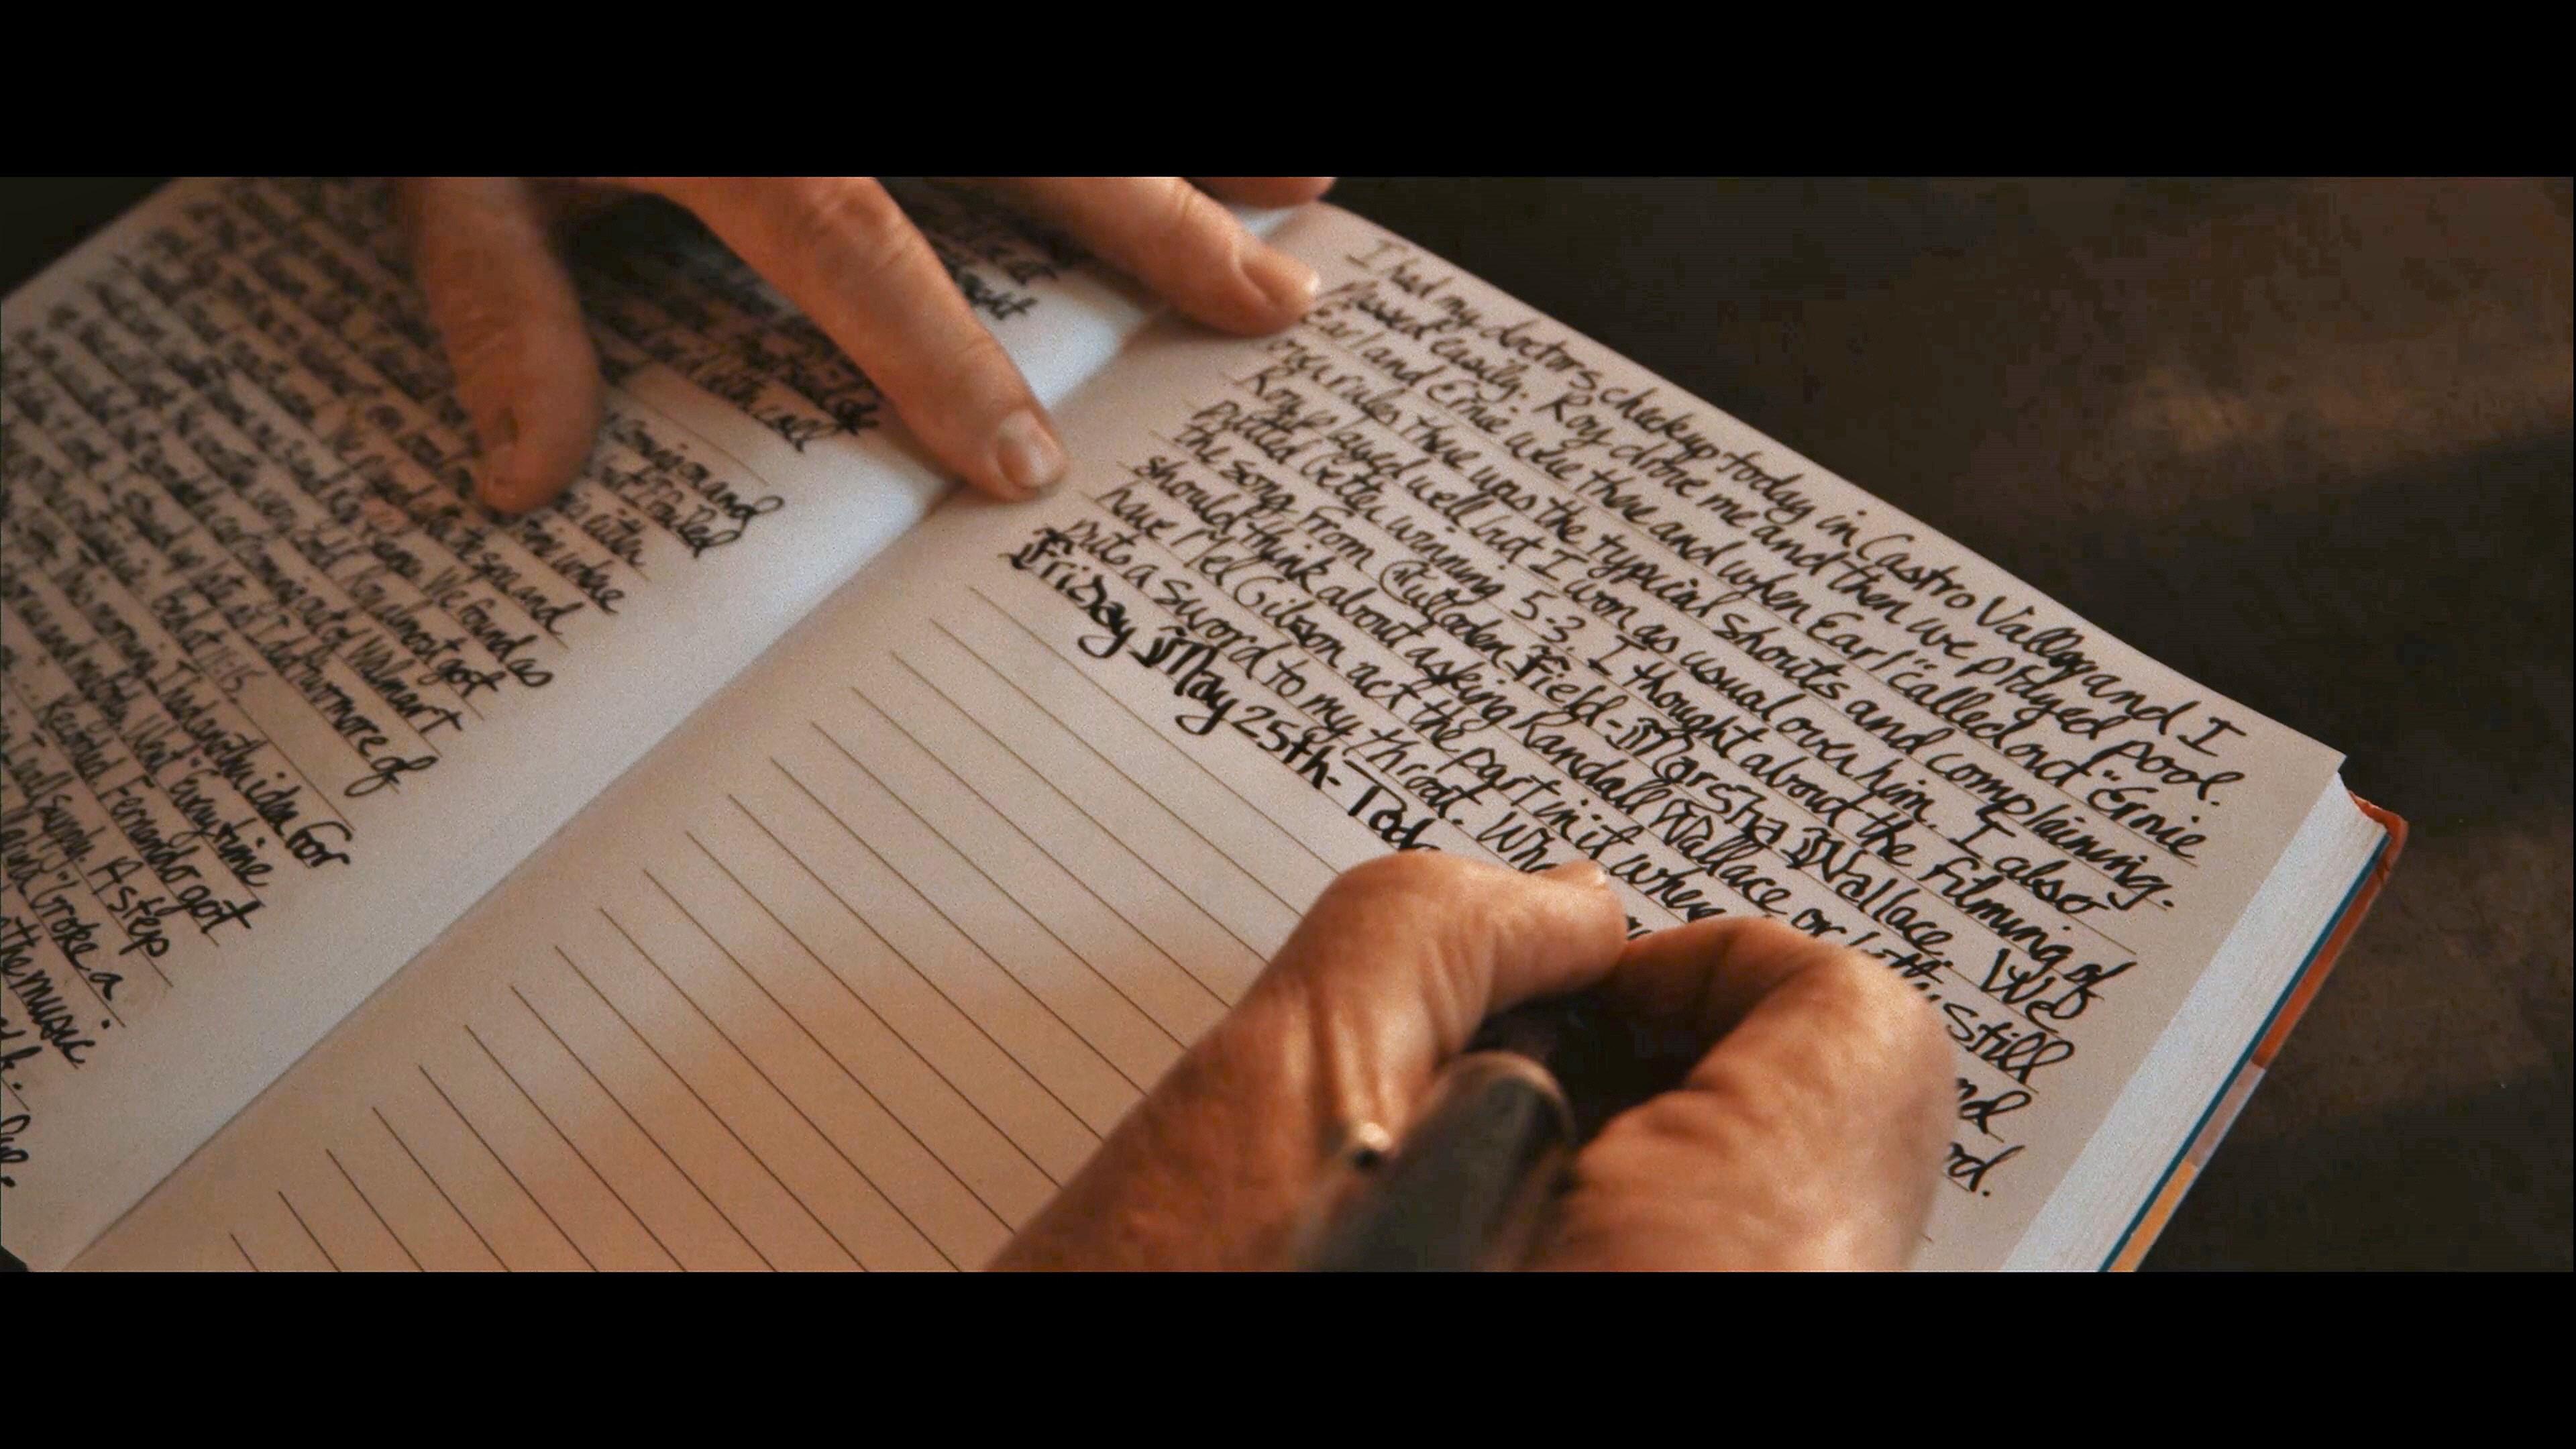 David's Journals